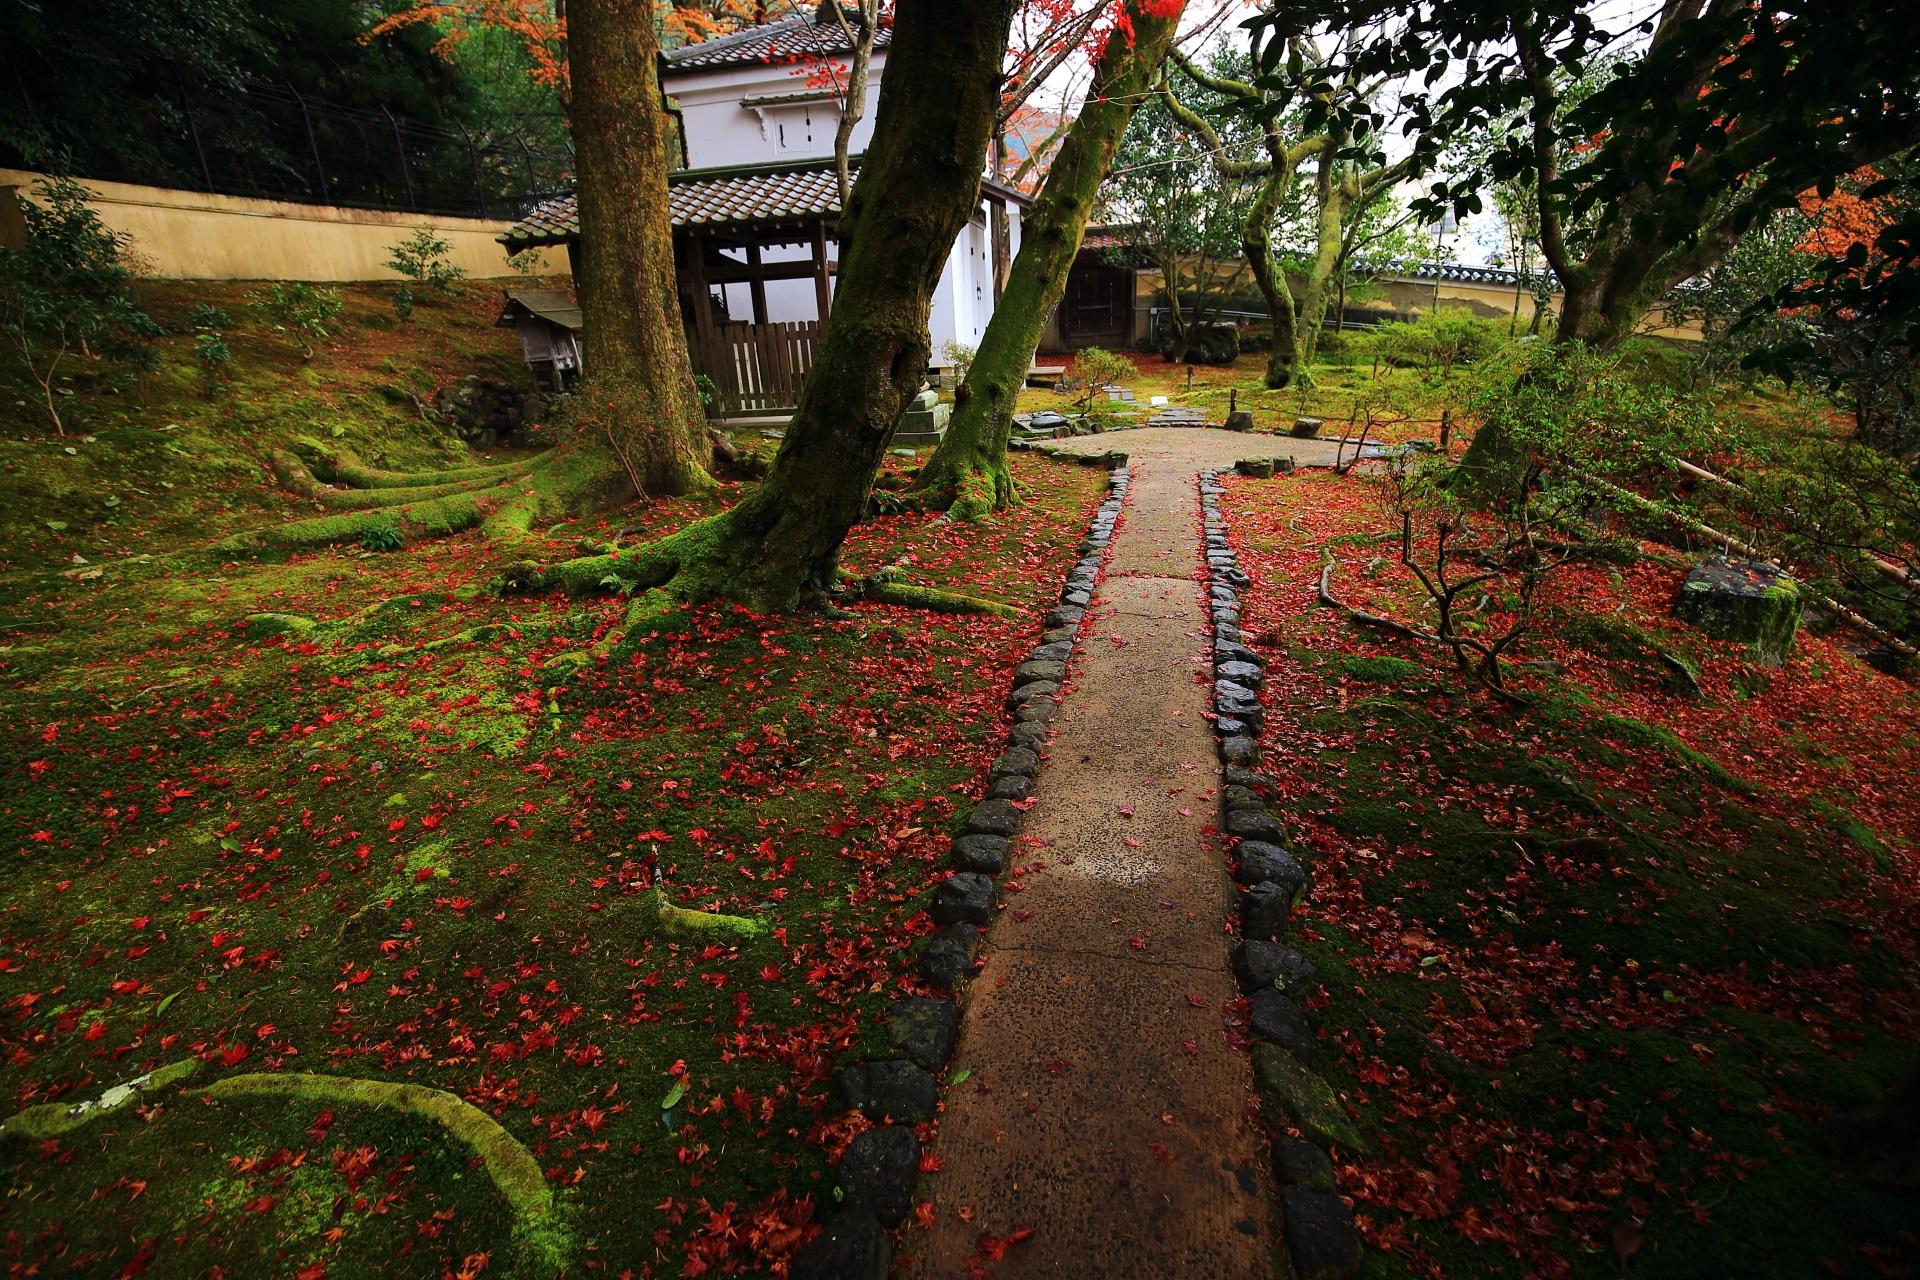 霊鑑寺の白壁の土蔵を華やぐ散り紅葉